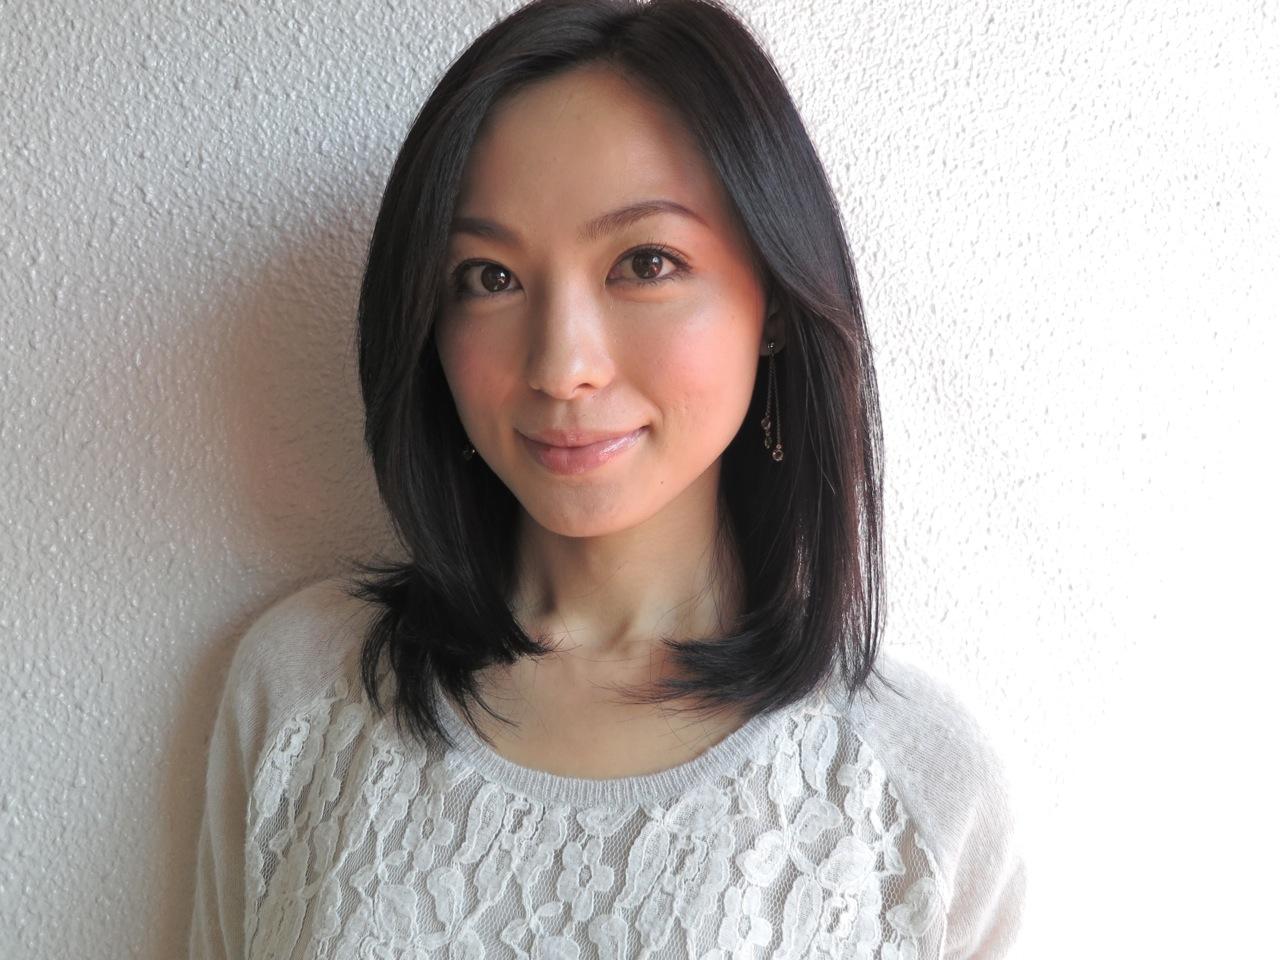 徳澤直子(とくざわ なおこ)